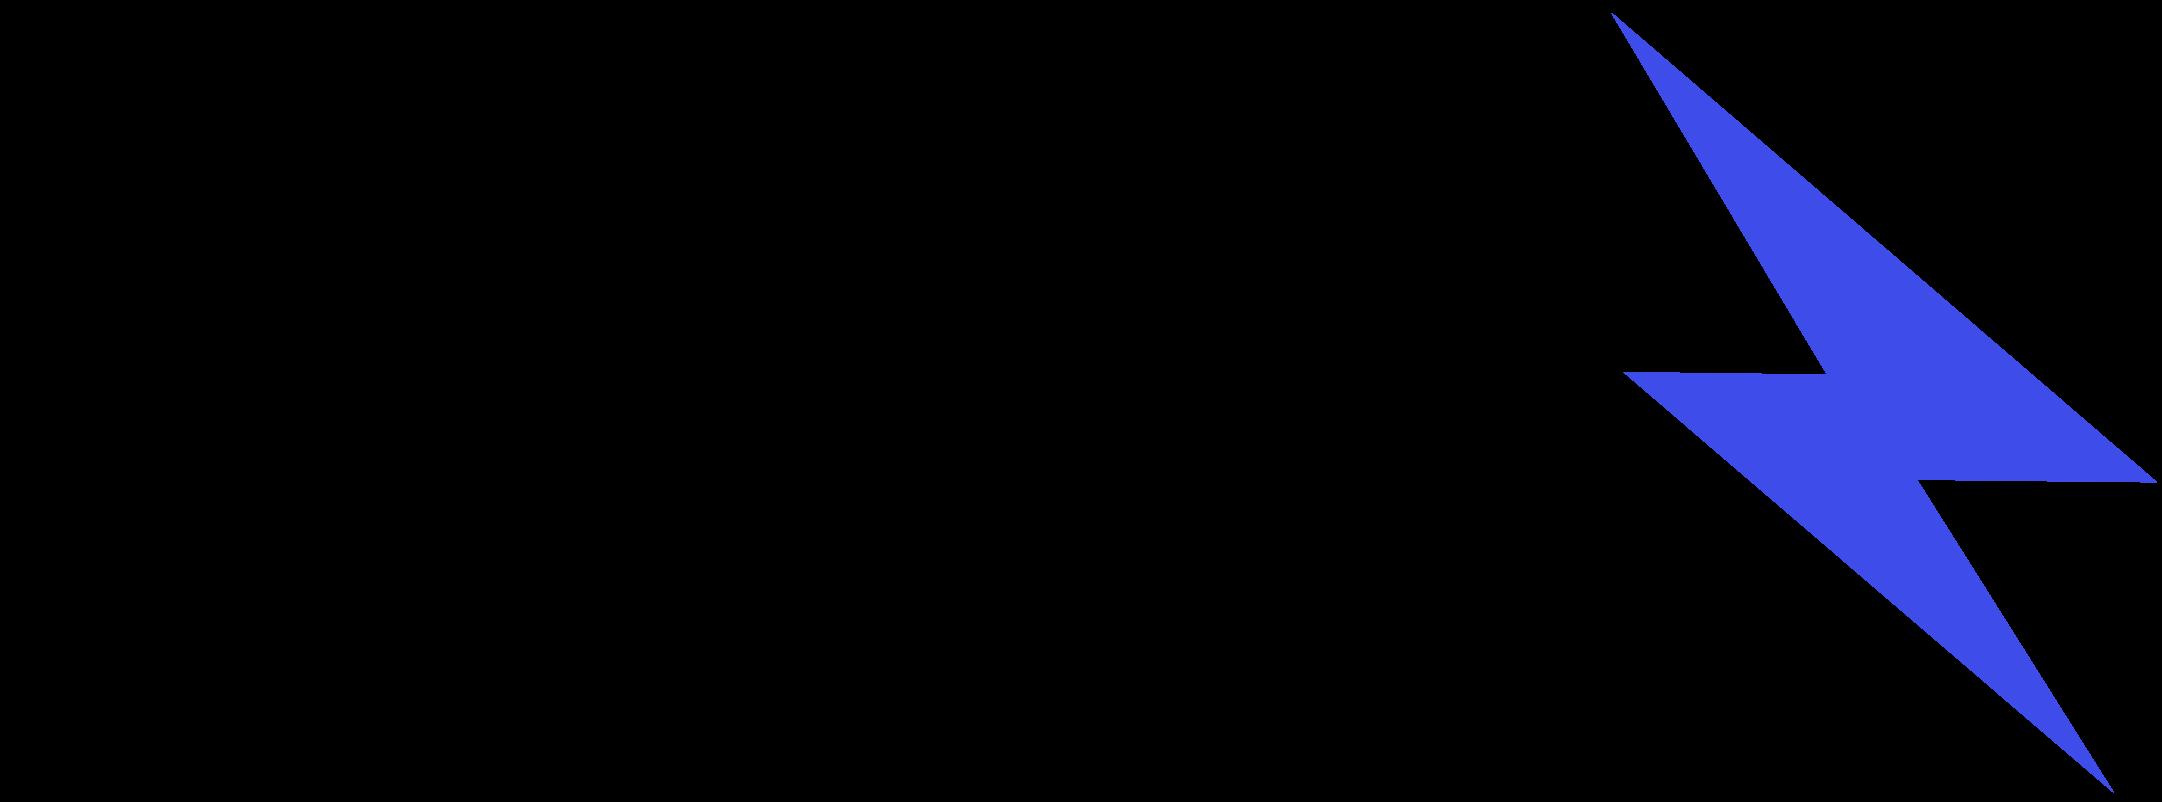 SYRG logo